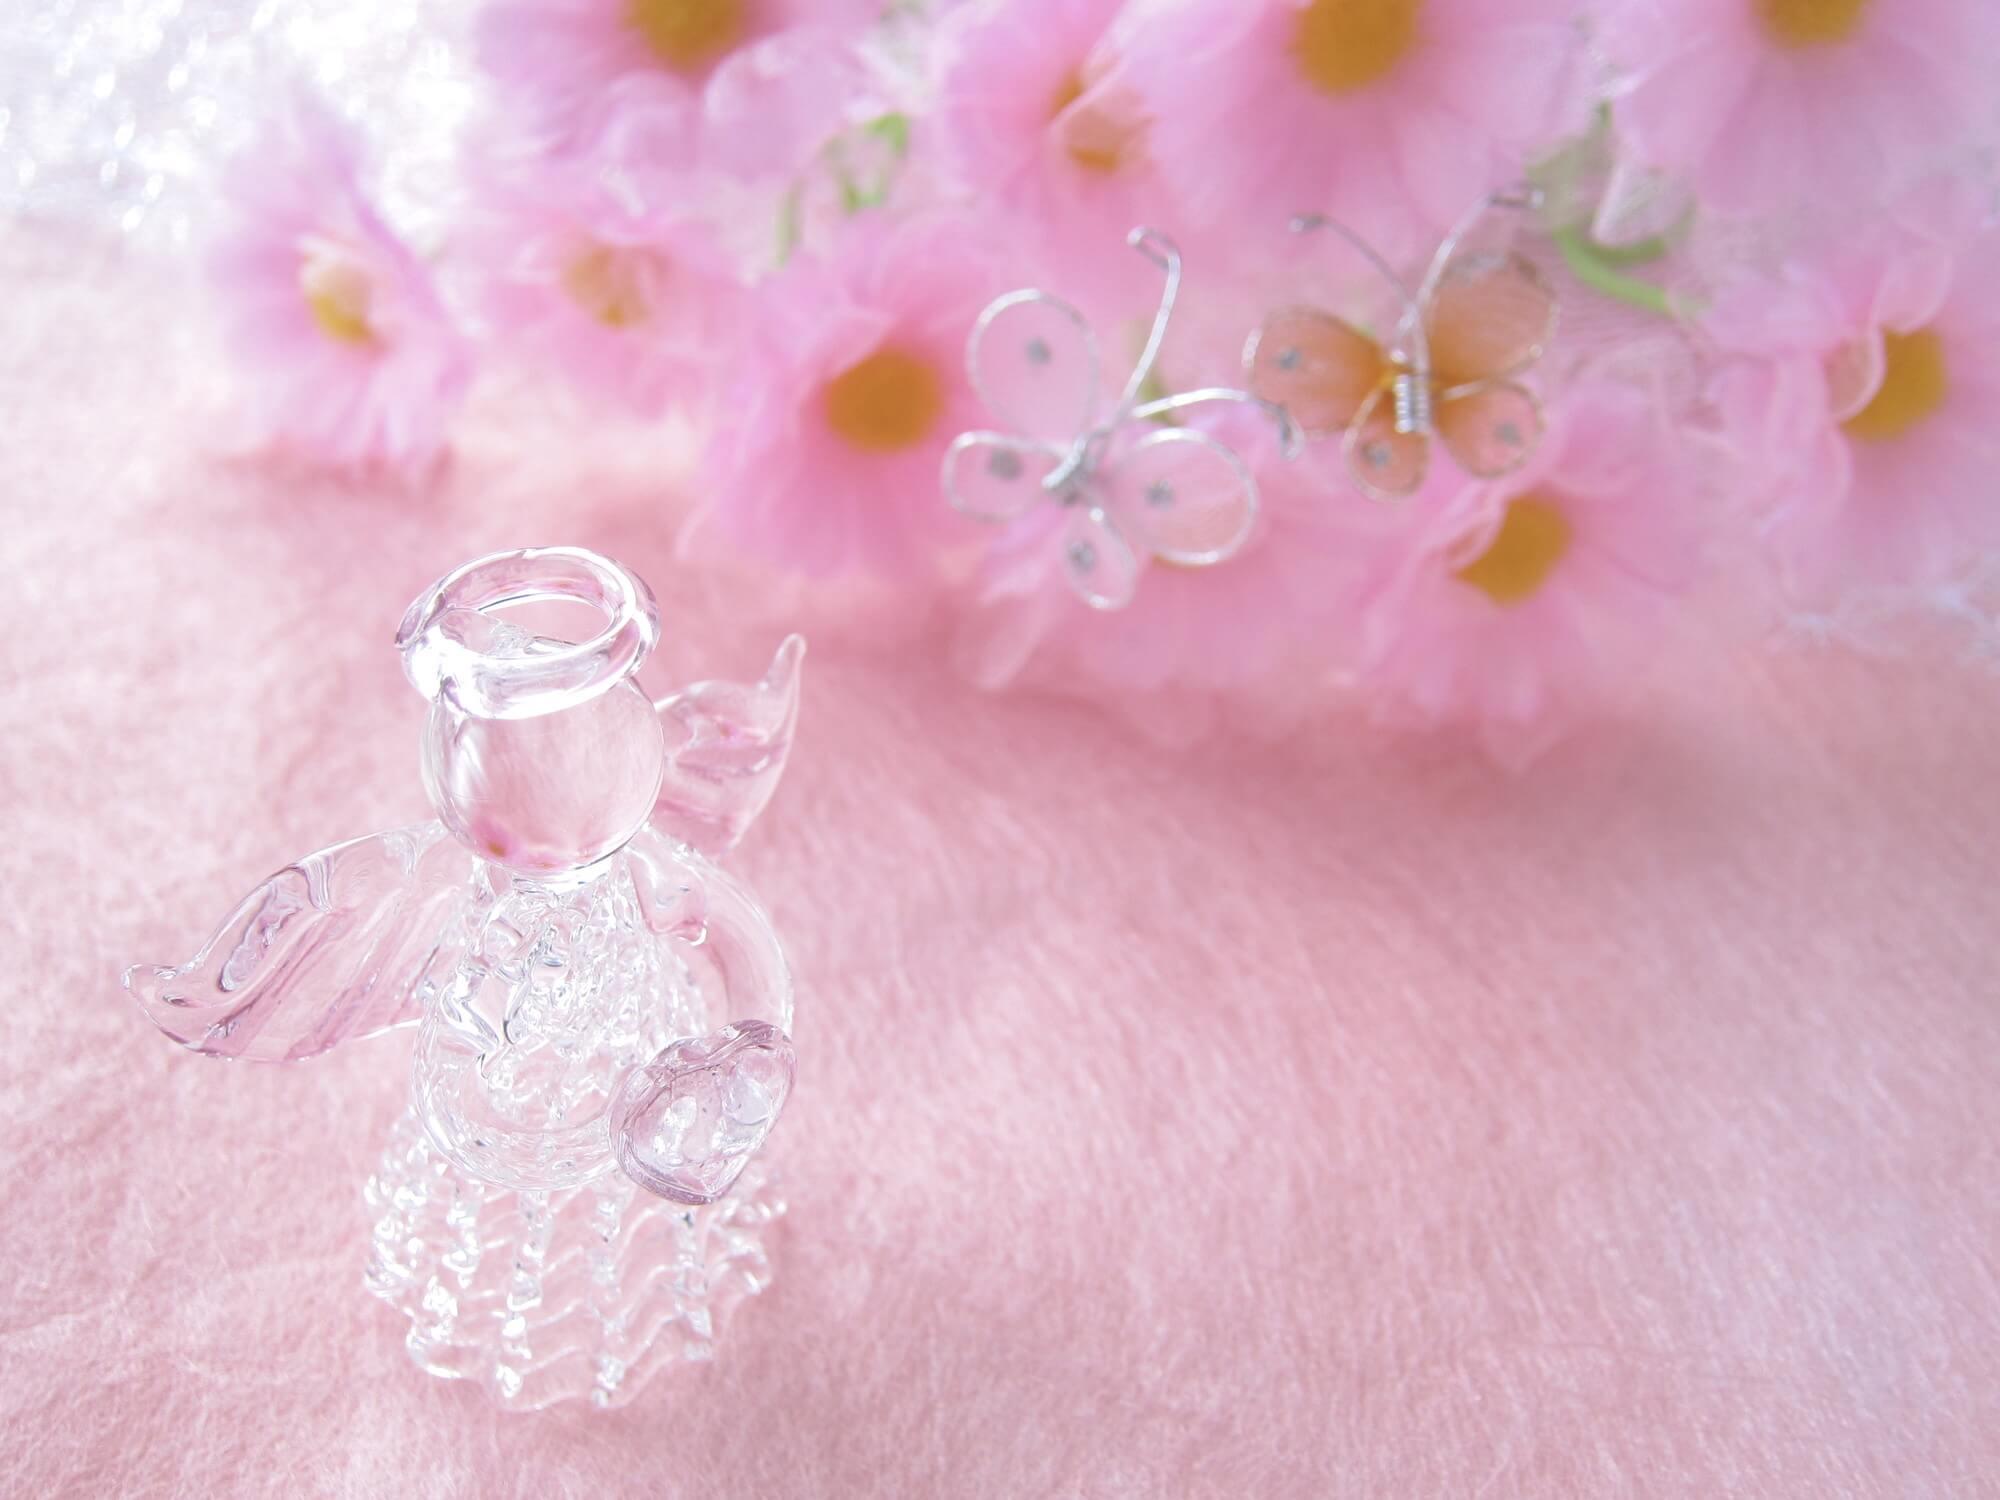 出産を誕生花で祝福!花選びのポイント&出産祝いのマナー